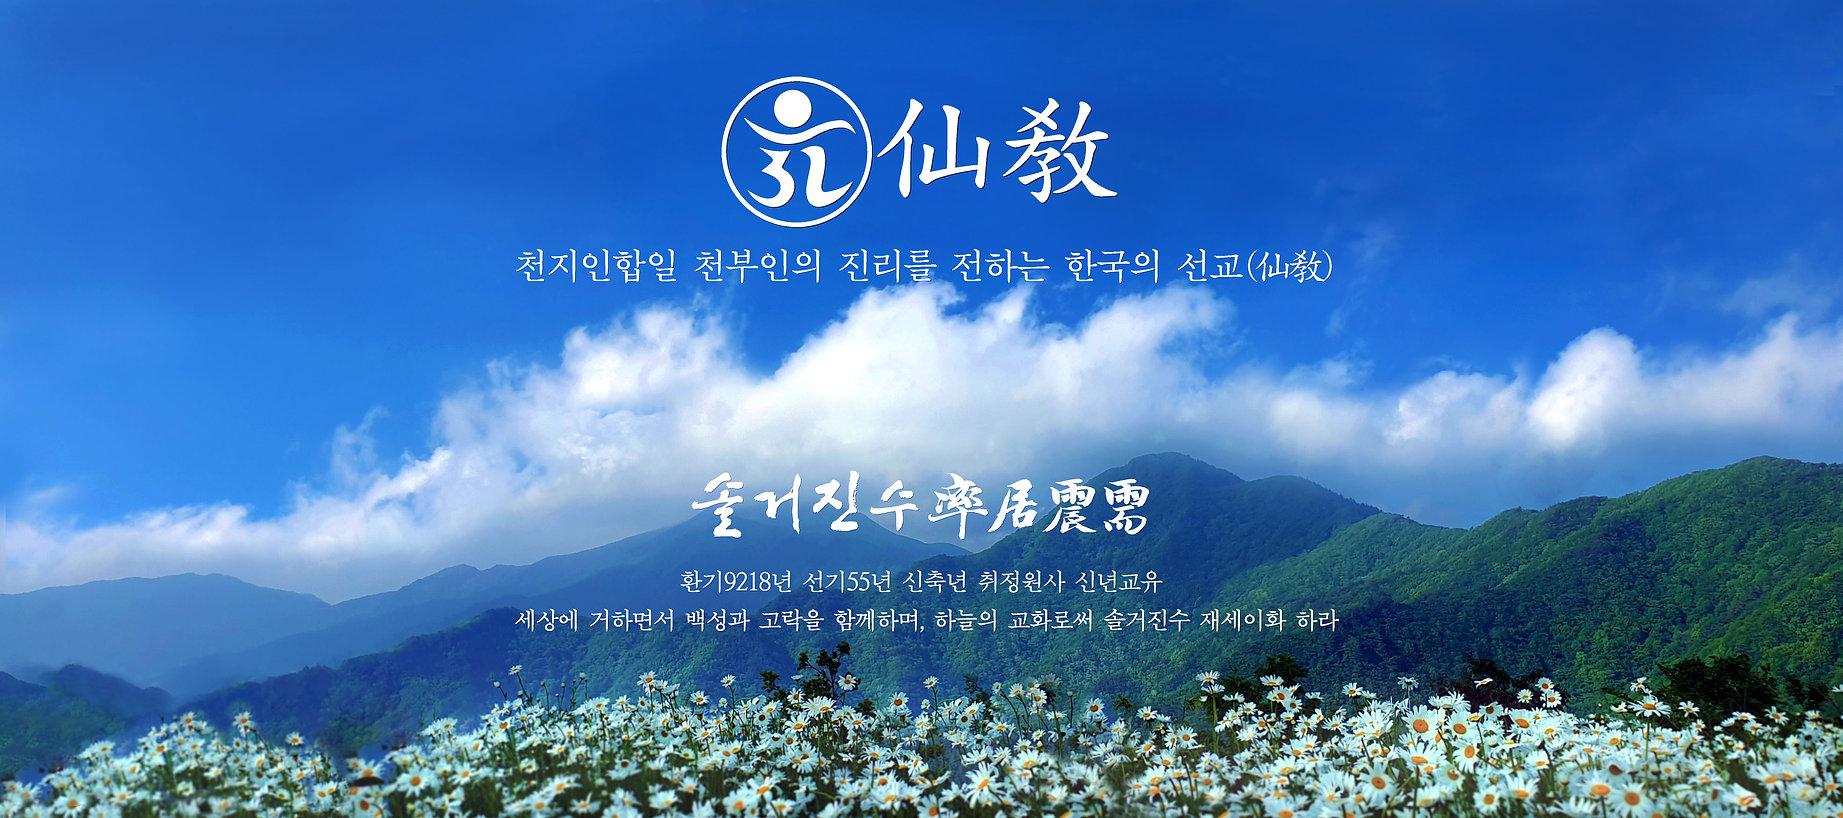 선교, 취정원사, 재세이화, 천부인, 천지인합일, 신년교유, 솔거진수